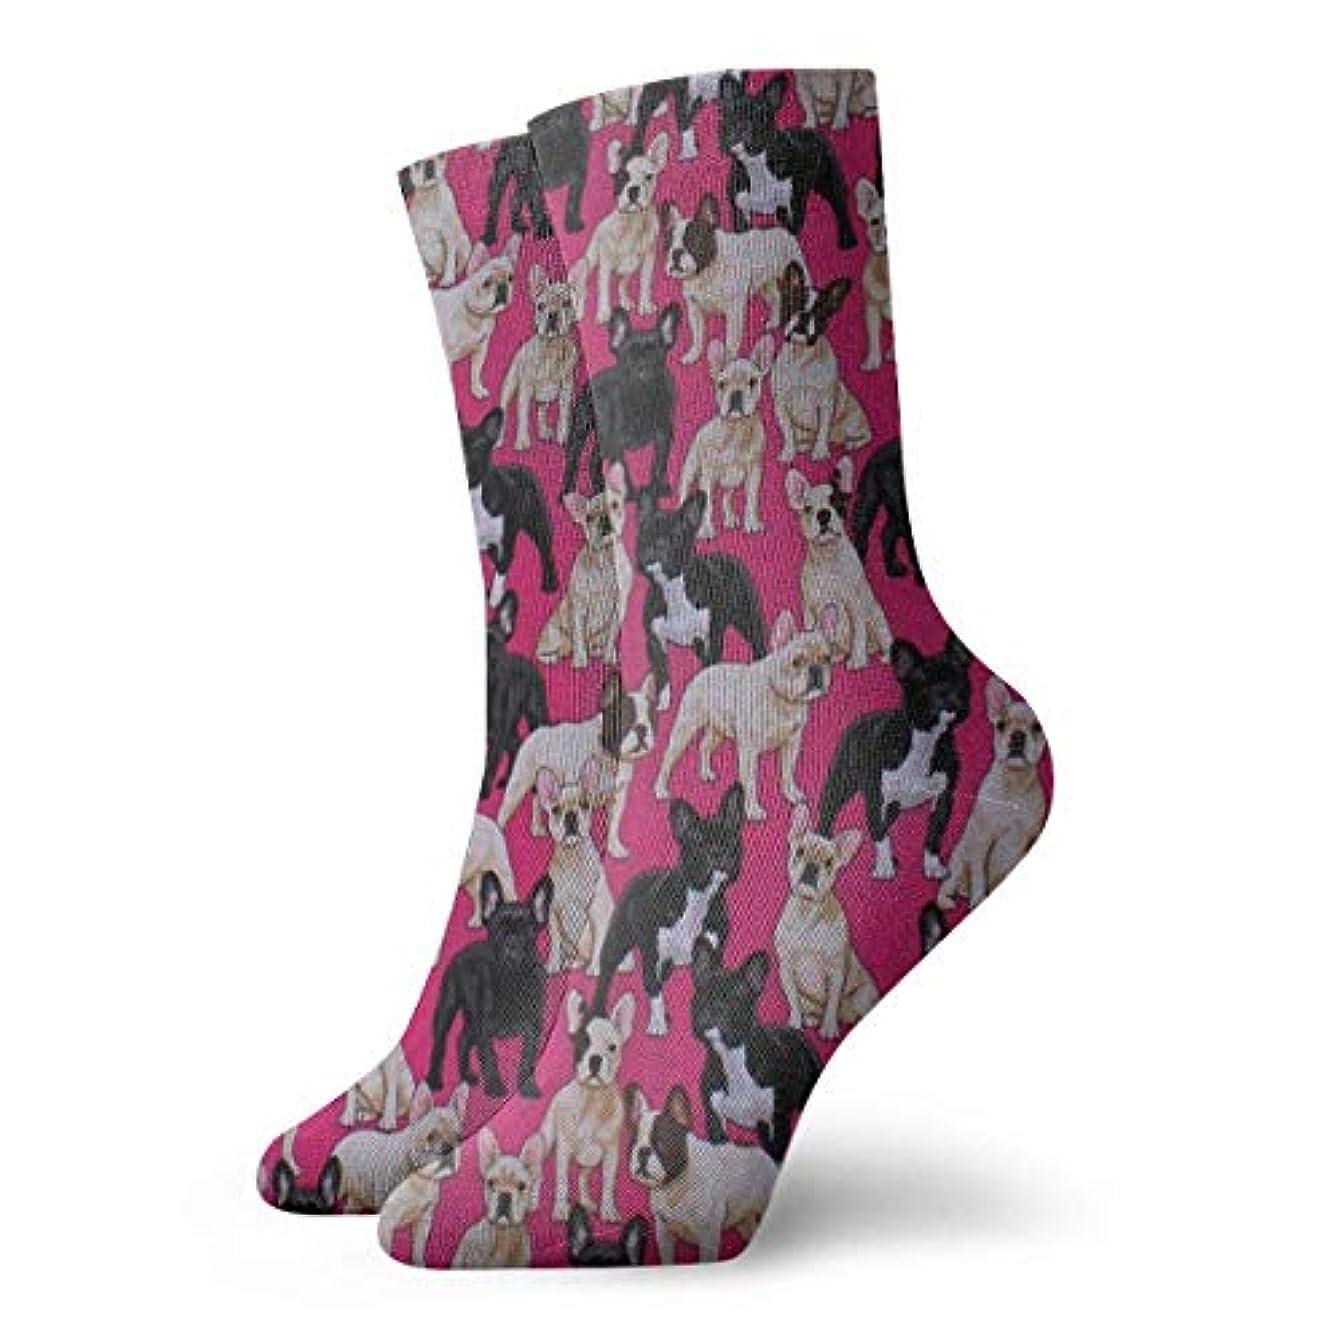 狂人復活させる出席するストックフォト- QRRIYレディースフレンチブルドッグ犬ペットソフトクリスマス膝高ストッキングスリッパソックス、クリスマス楽しいカラフルな靴下